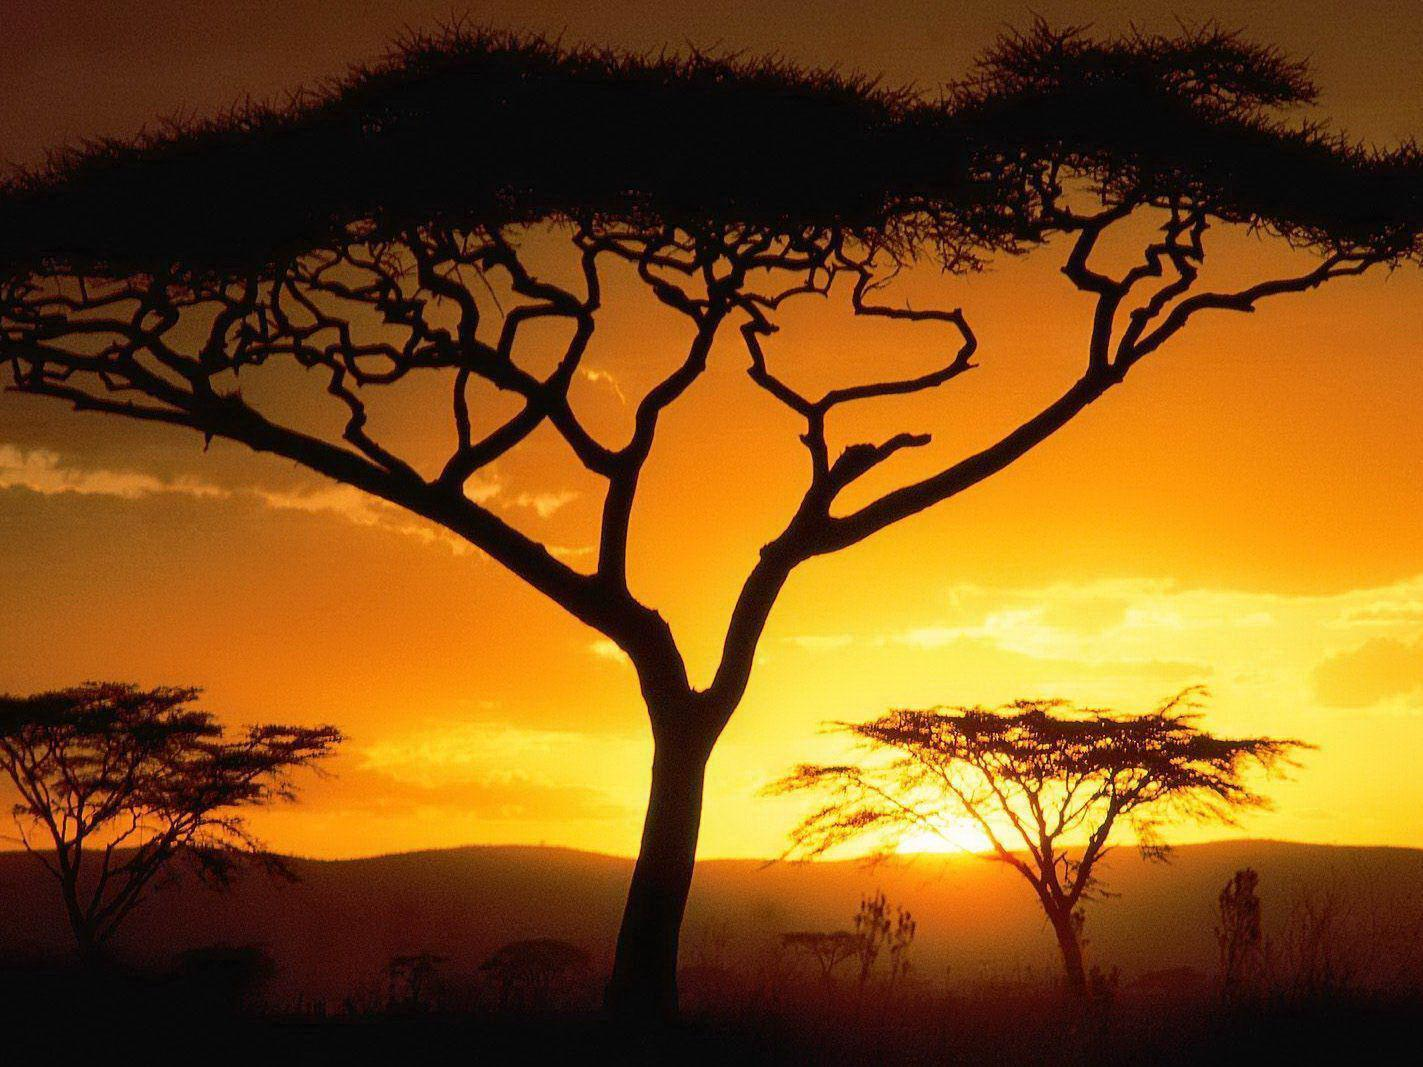 Il tramonto nella savana - Sfondi per PC, iPhone, Android e profilo WhatsApp da scaricare